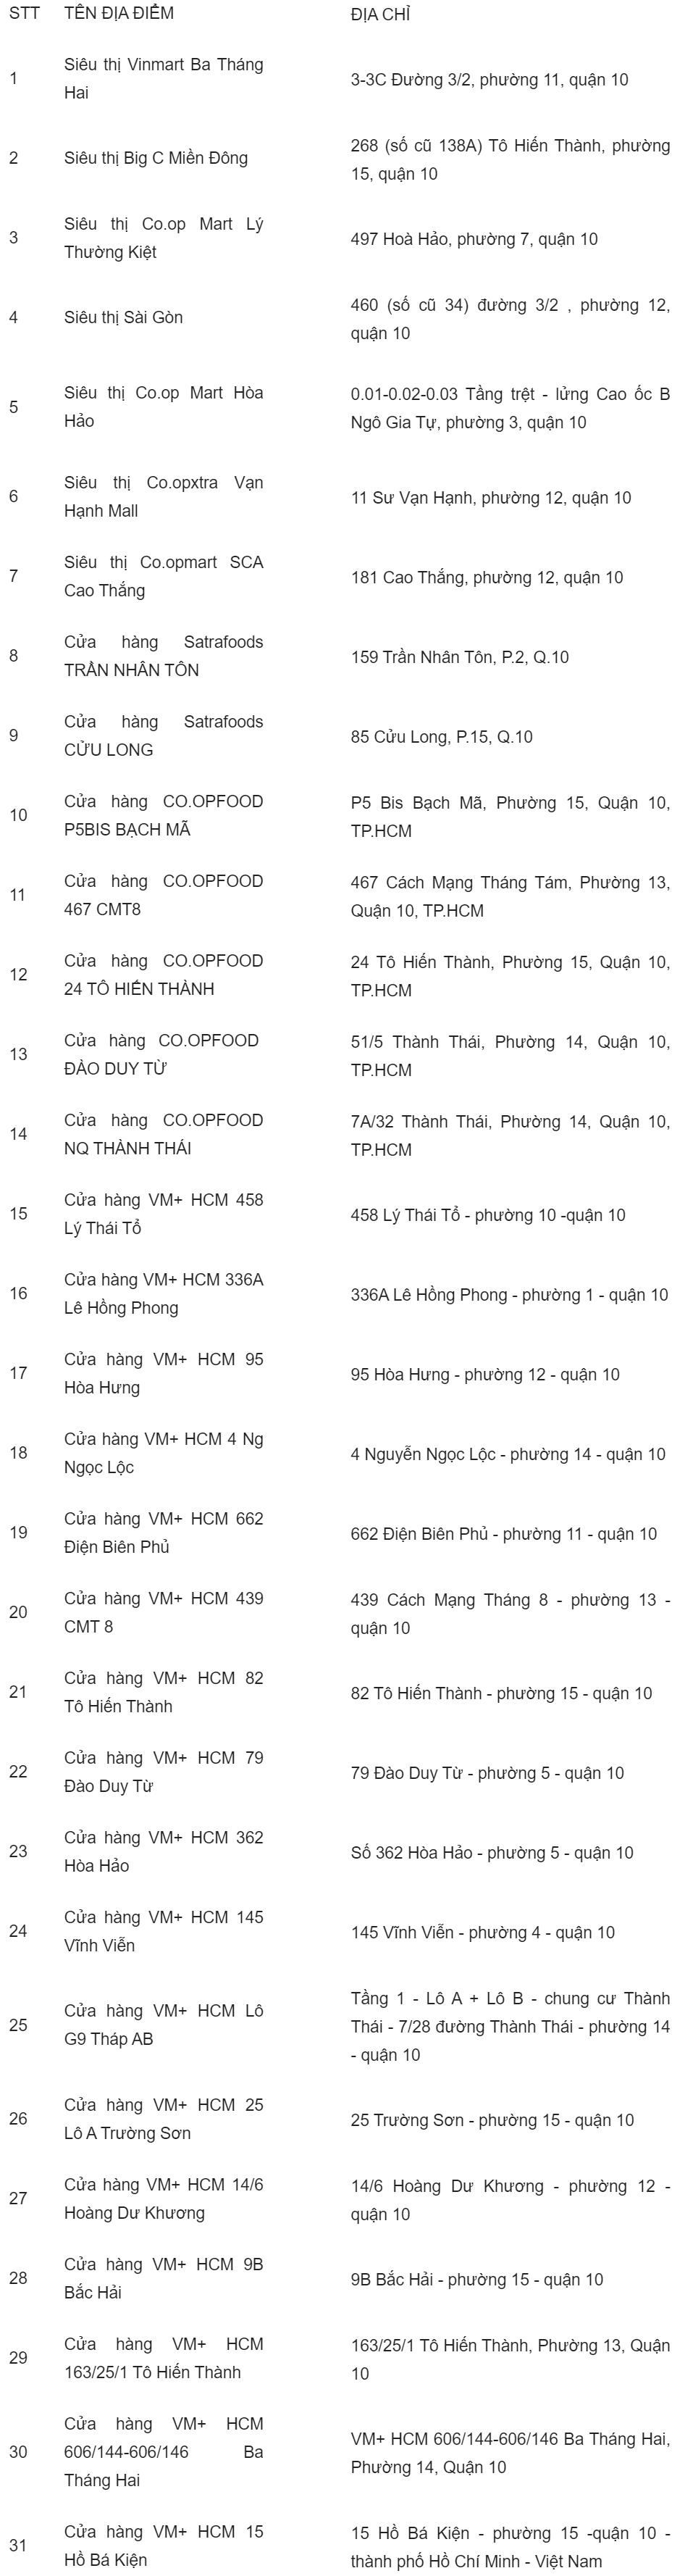 danh sách địa điểm bán khẩu trang quận 10